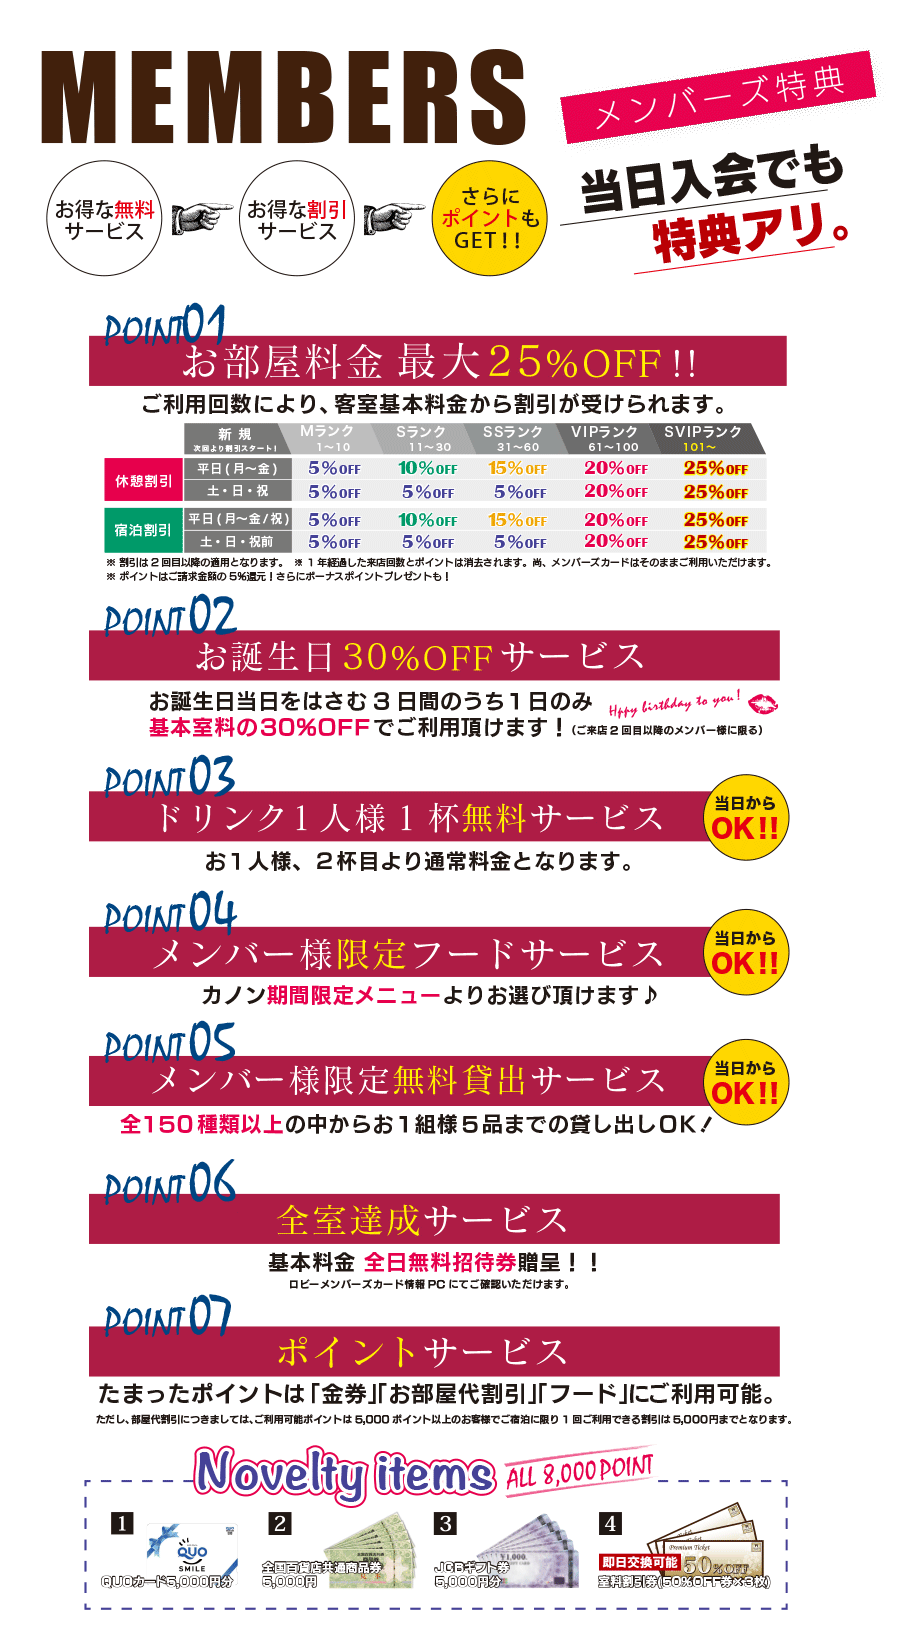 メンバー特典サービス01